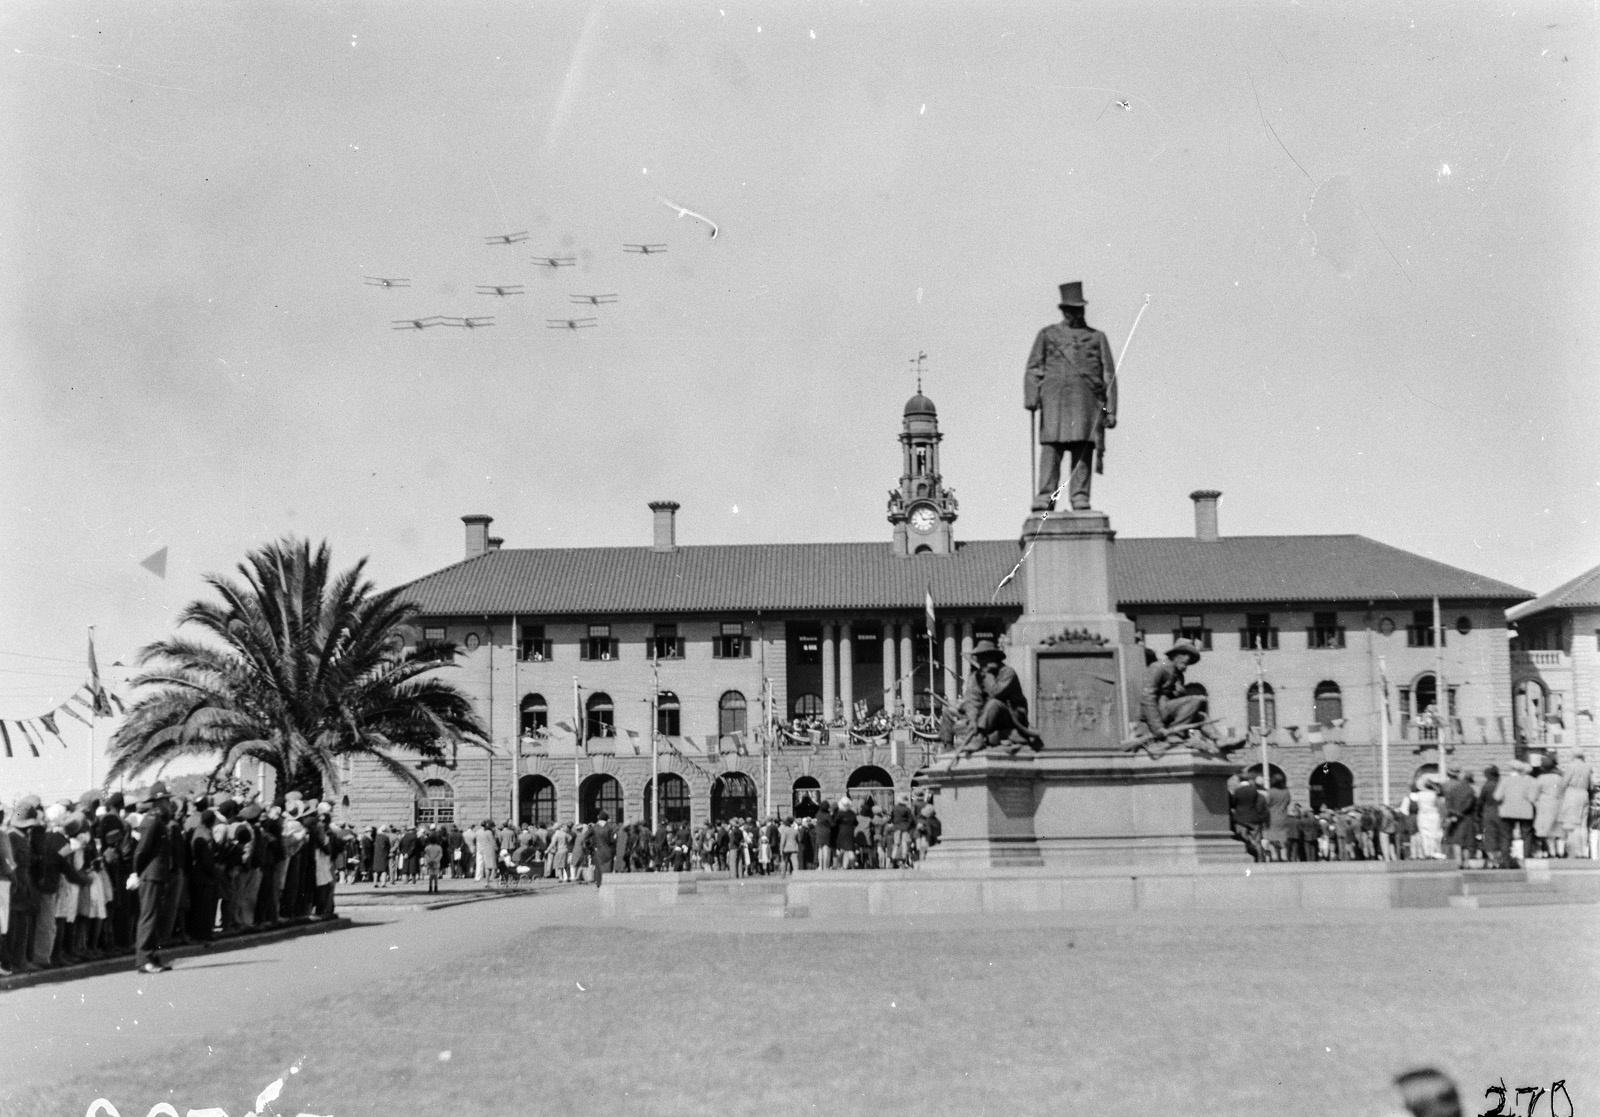 Южно-Африканский Союз. Претория. Люди возле мемориале Крюгера на церковной площади в ожидании появления губернатора